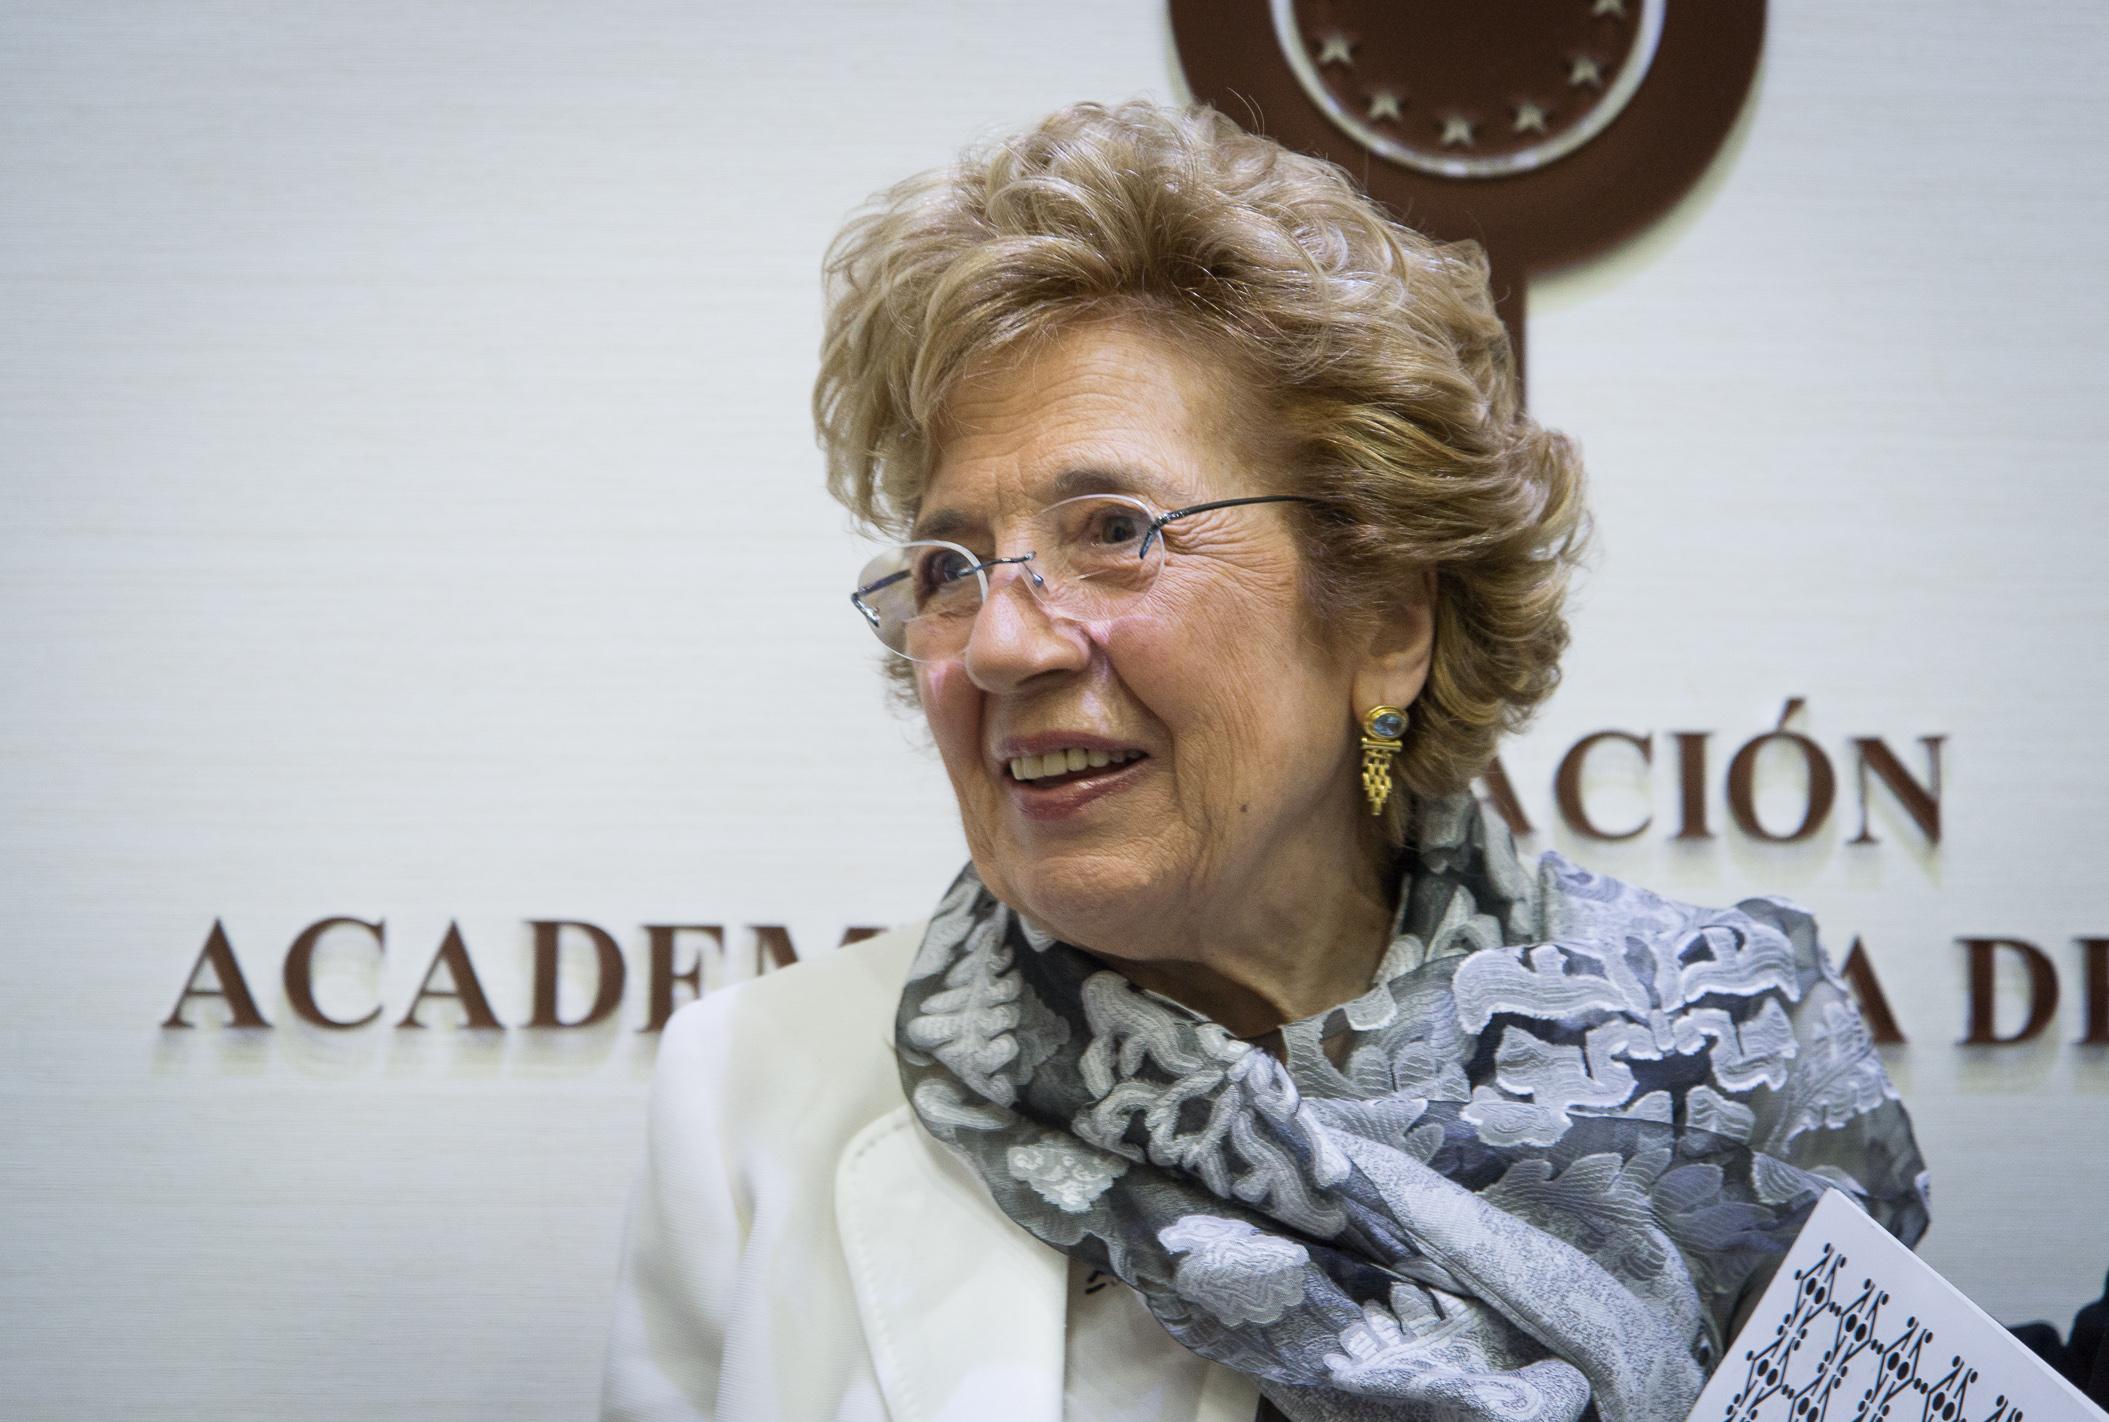 La Fundación Academia Europea de Yuste convoca 10 becas de investigación y movilidad en estudios europeos Premio Europeo Carlos V-Sofia Corradi, Mamma Erasmus